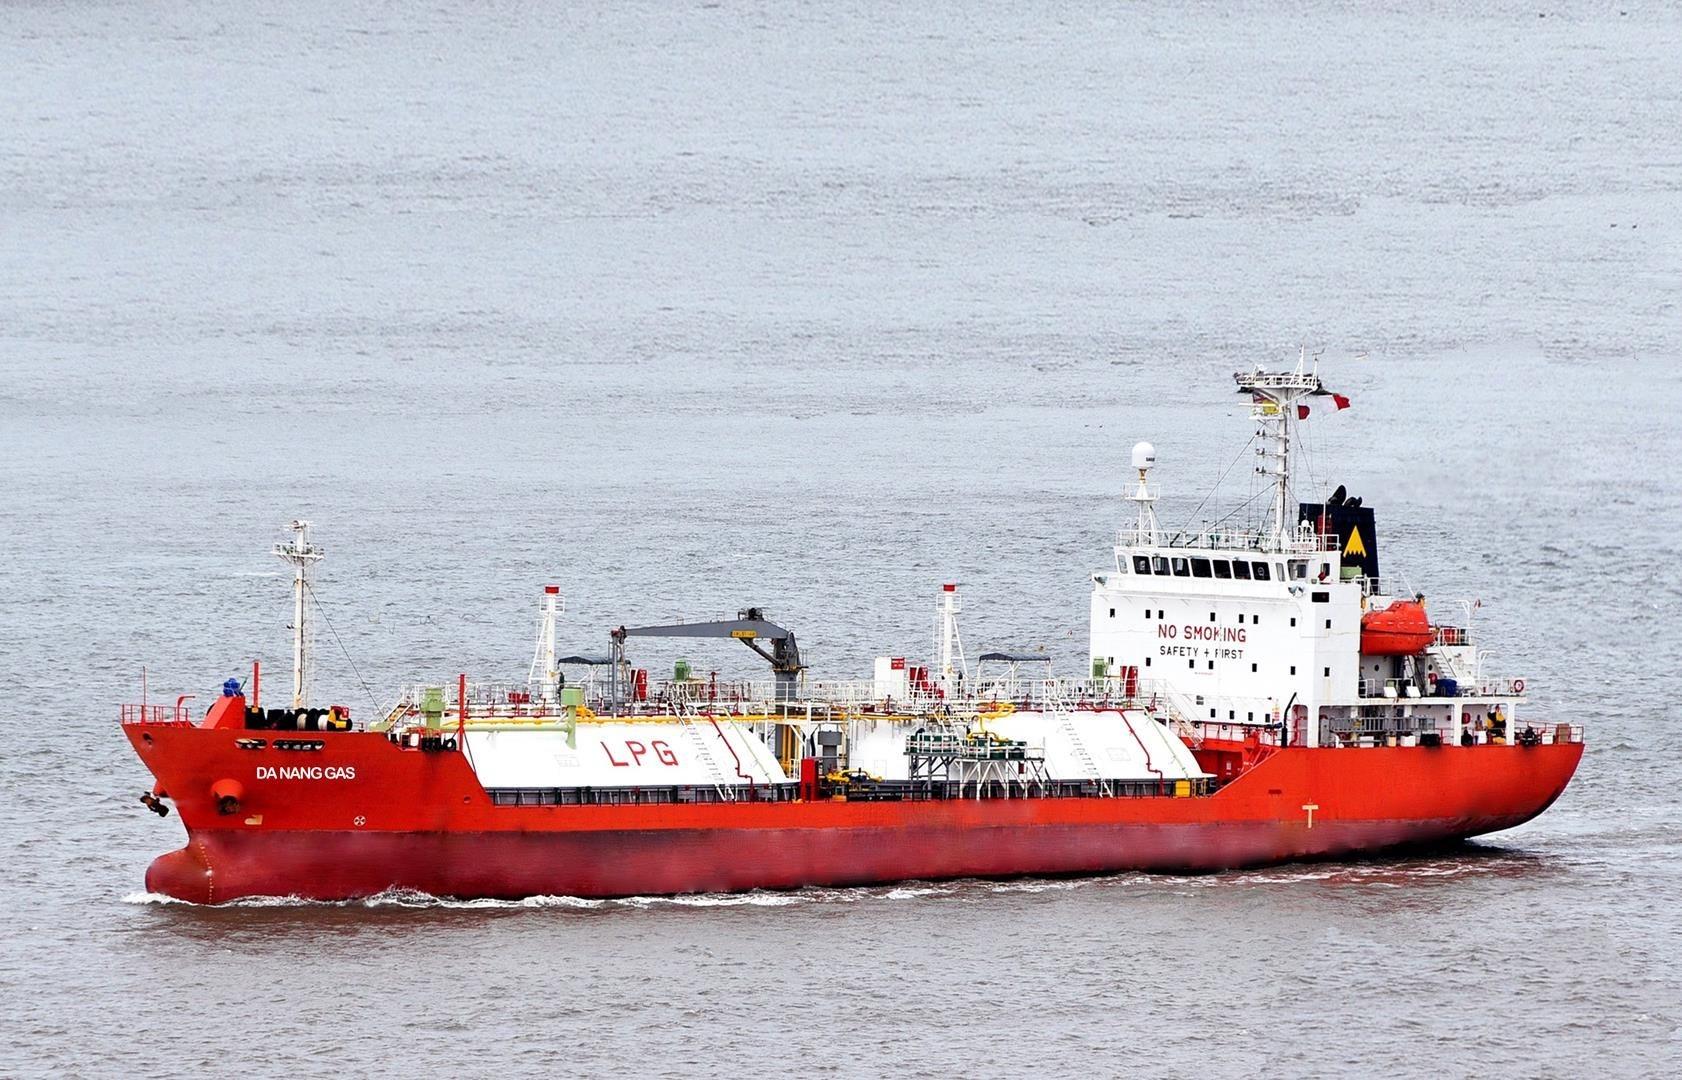 Tàu vận chuyển LPG Da Nang Gas